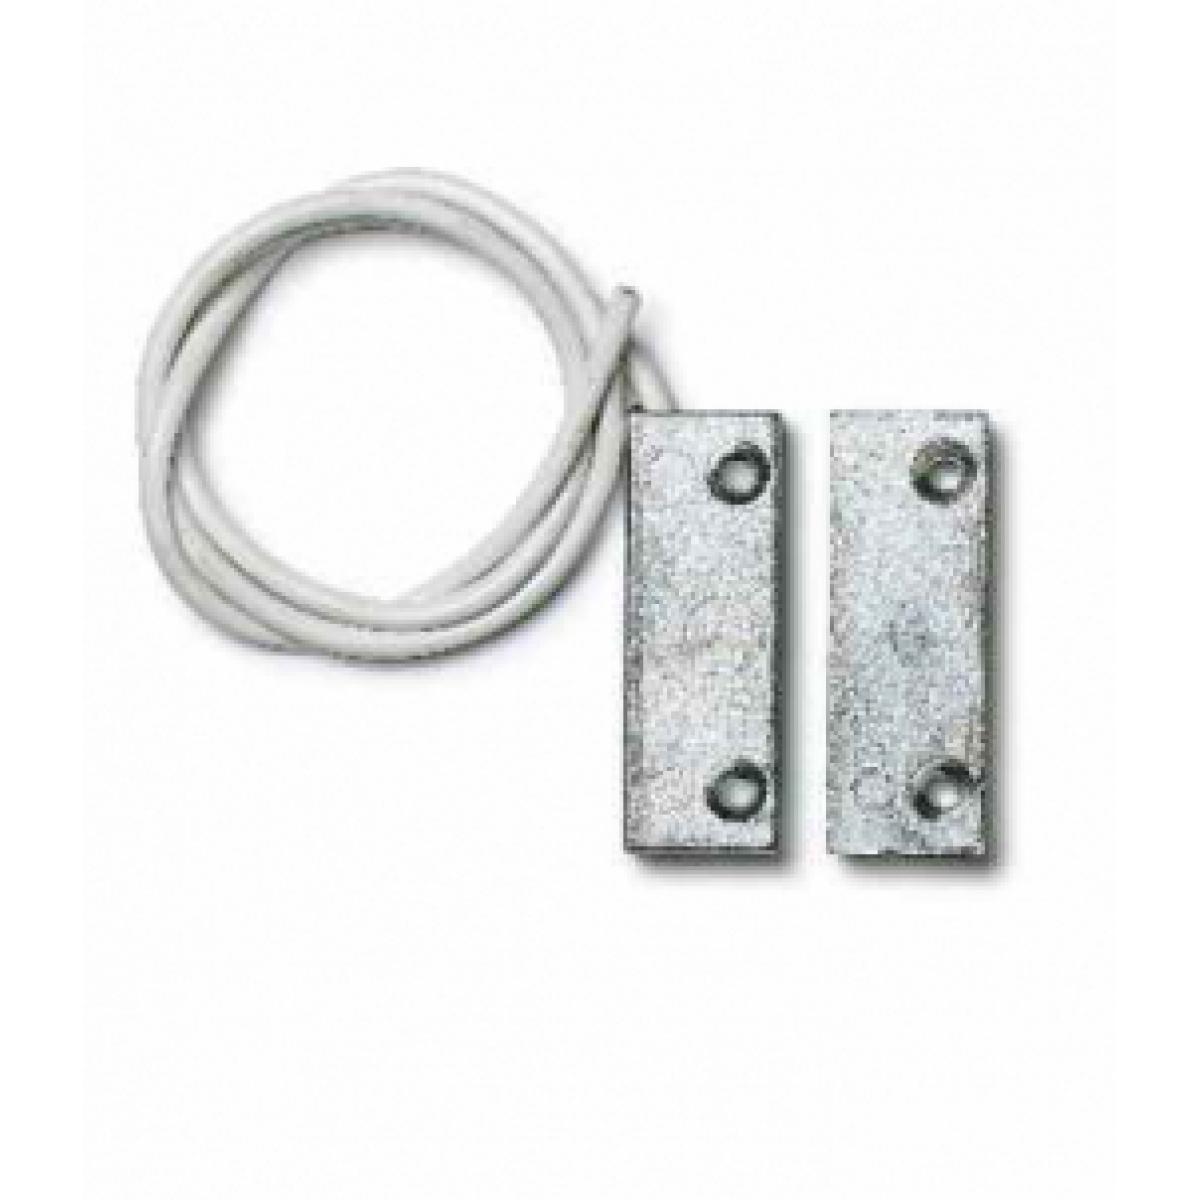 Rivelatore magnetico rm31 potenza alluminio 920044 fracarro